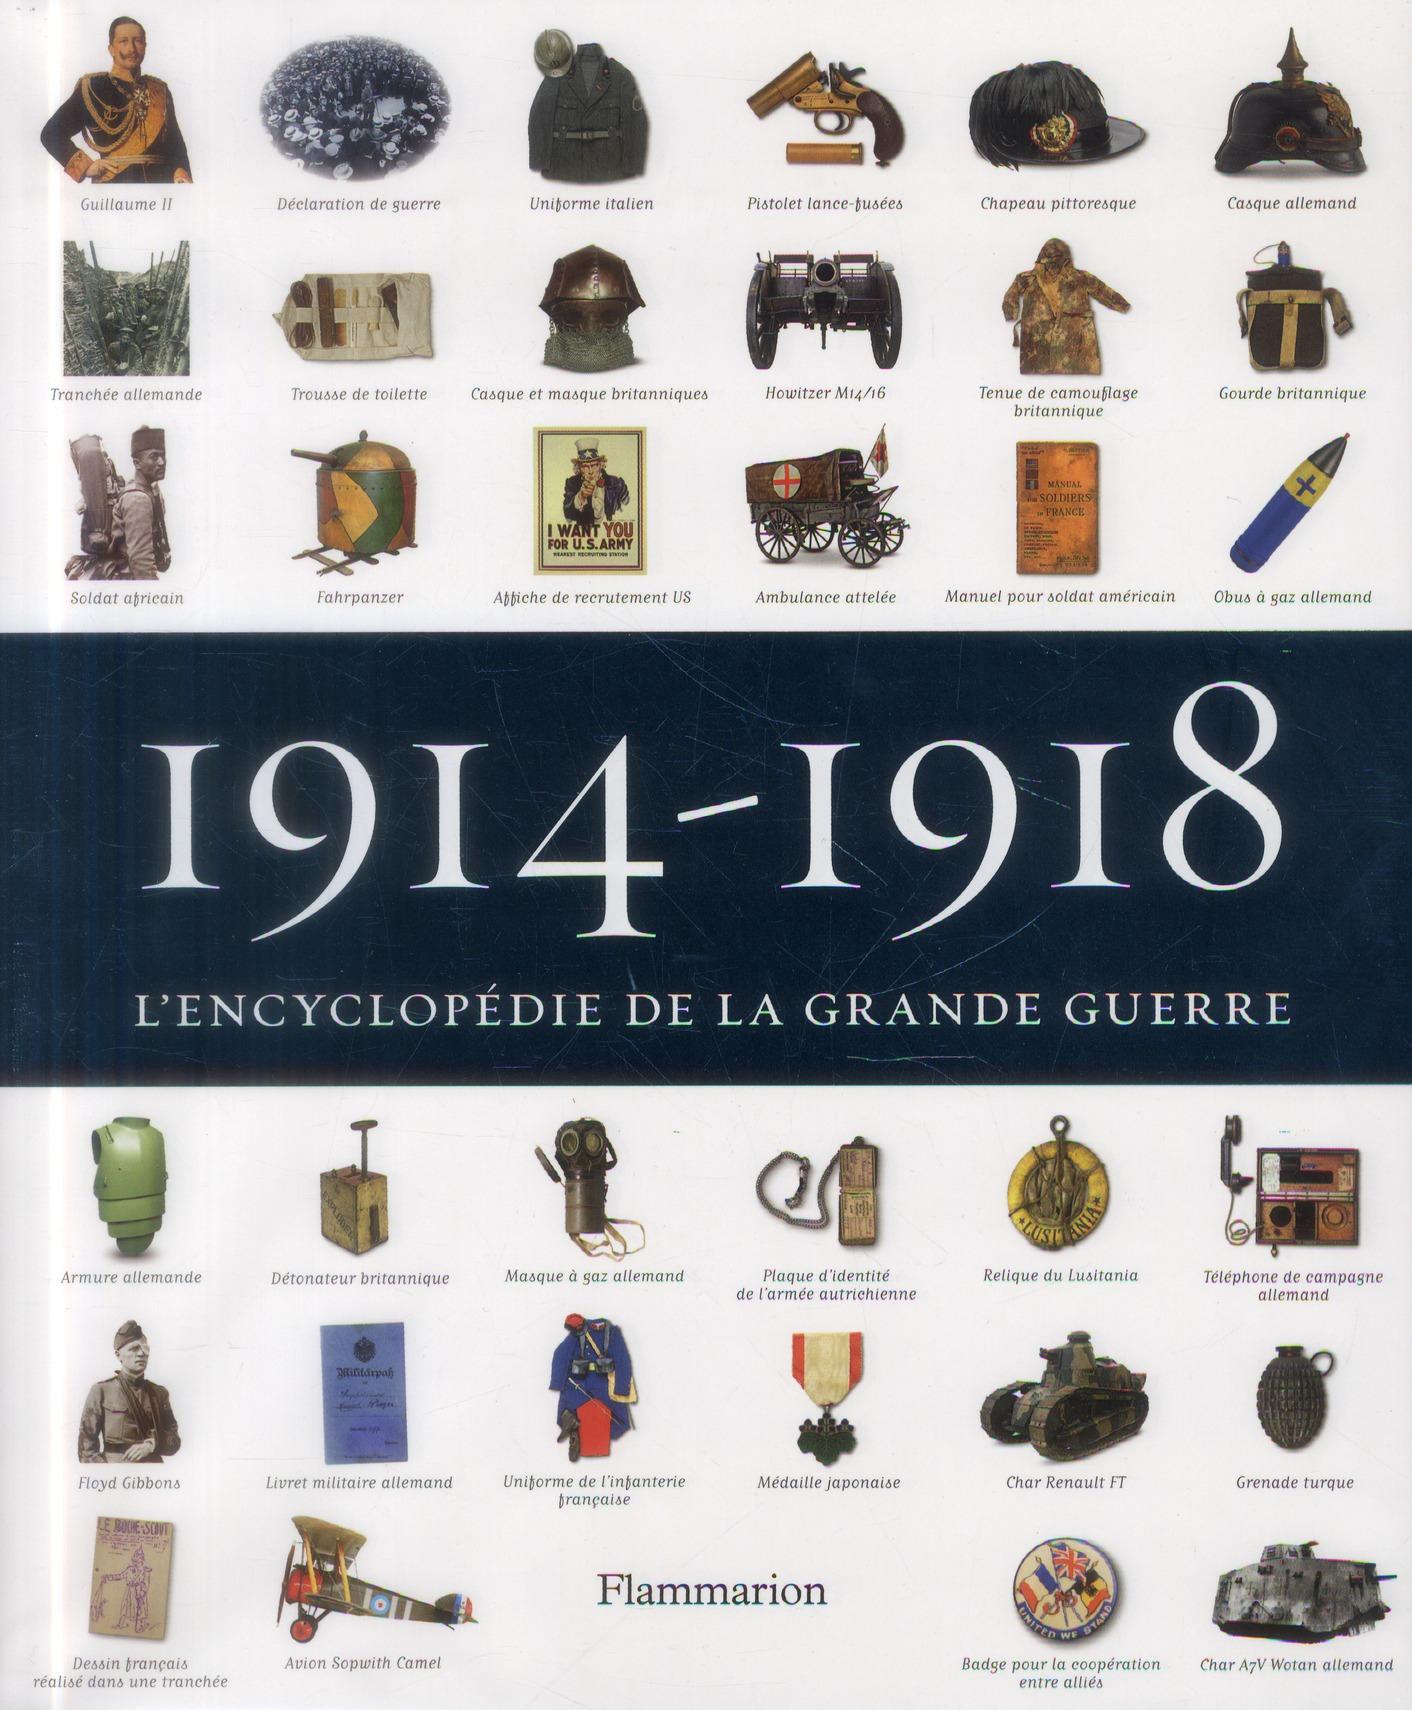 1914-1918, L'ENCYCLOPEDIE DE LA GRANDE GUERRE